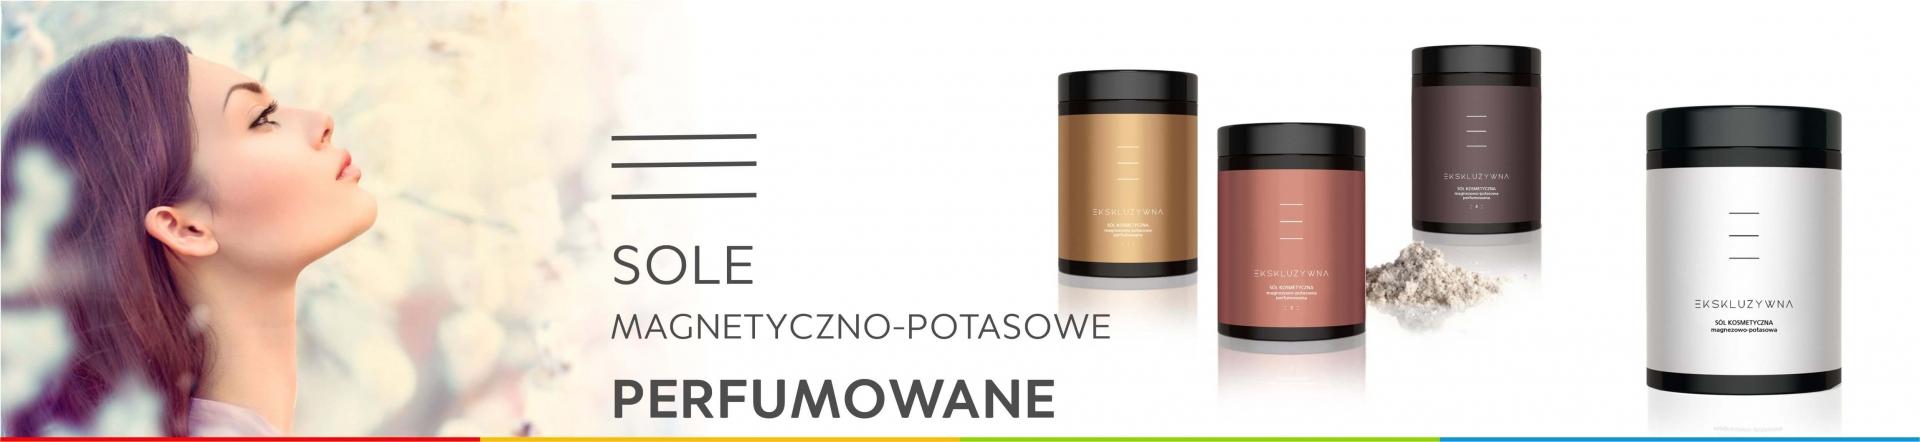 Sole magnetyczno-potasowe perfumowane z logo